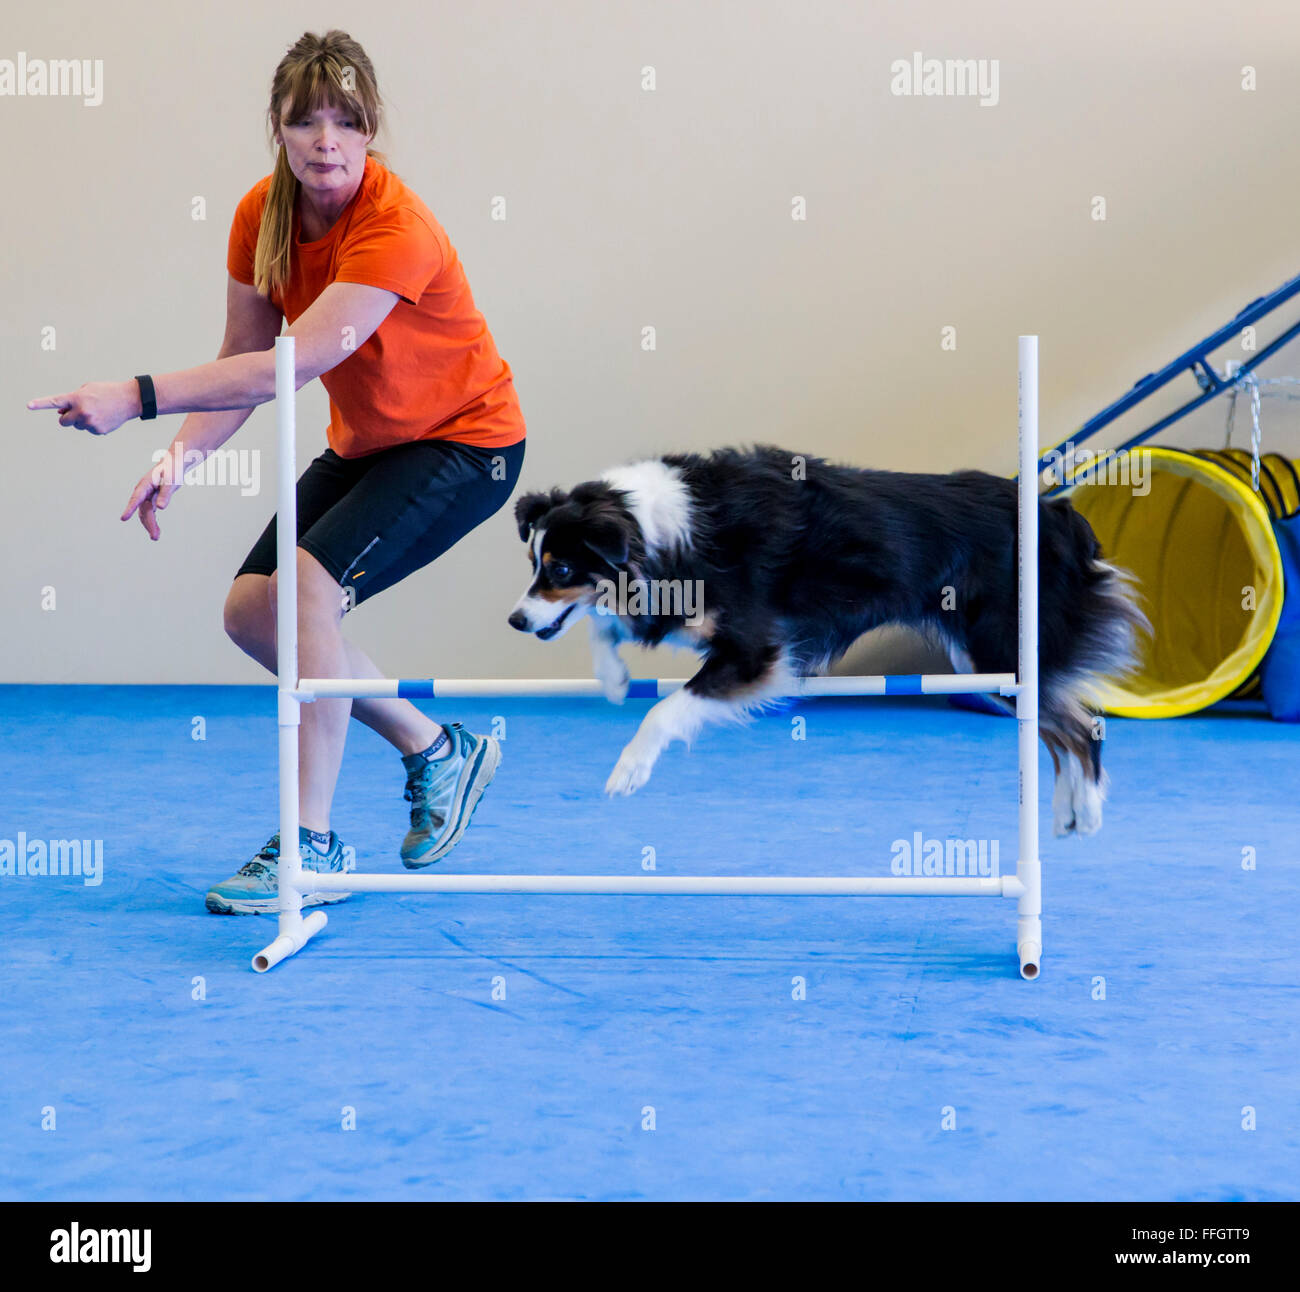 Professionelle weibliche Hundeführer Ausbildung Australian Shepherd Hürde Hindernis springen Stockbild